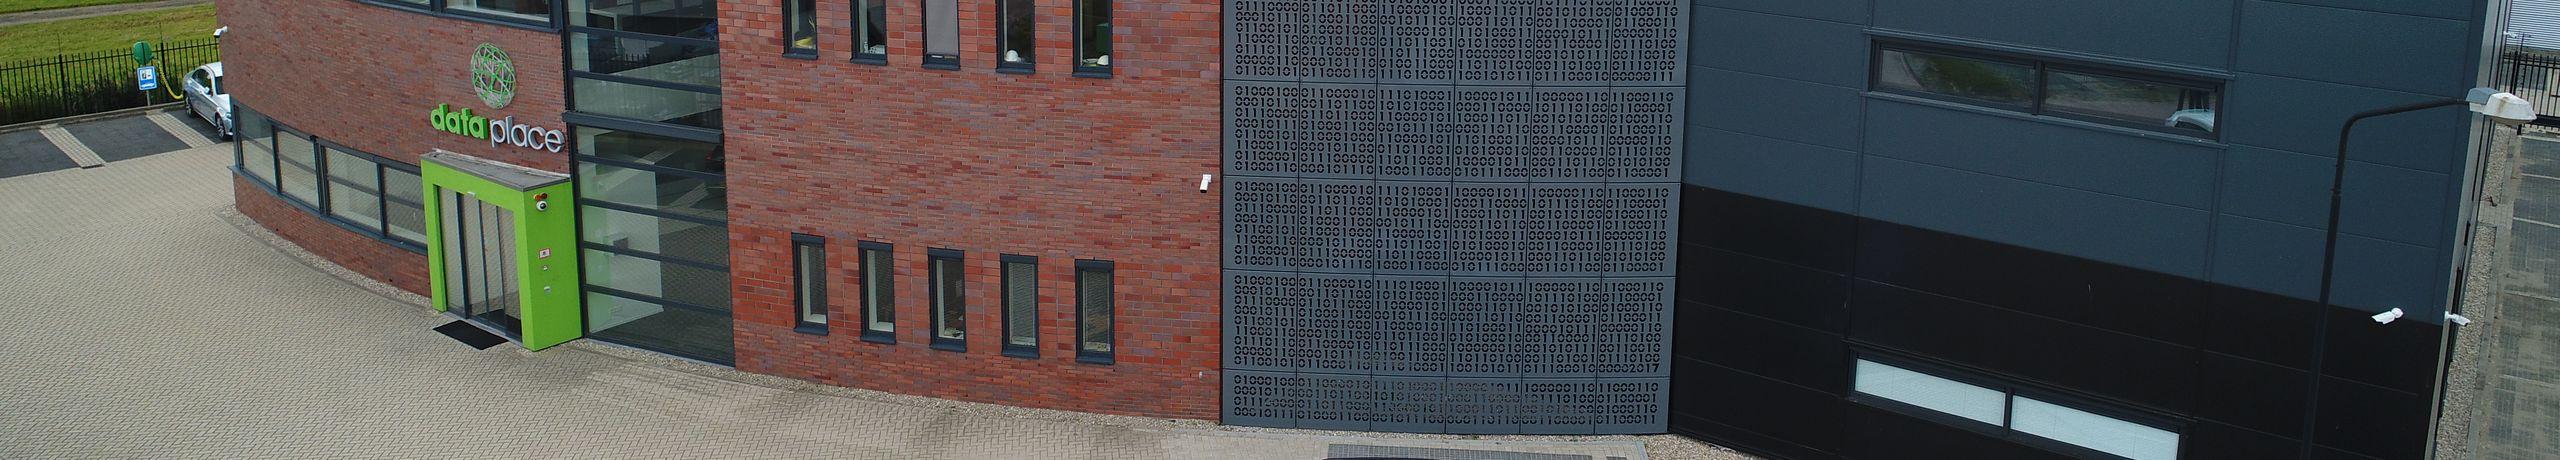 Dataplace Rotterdam